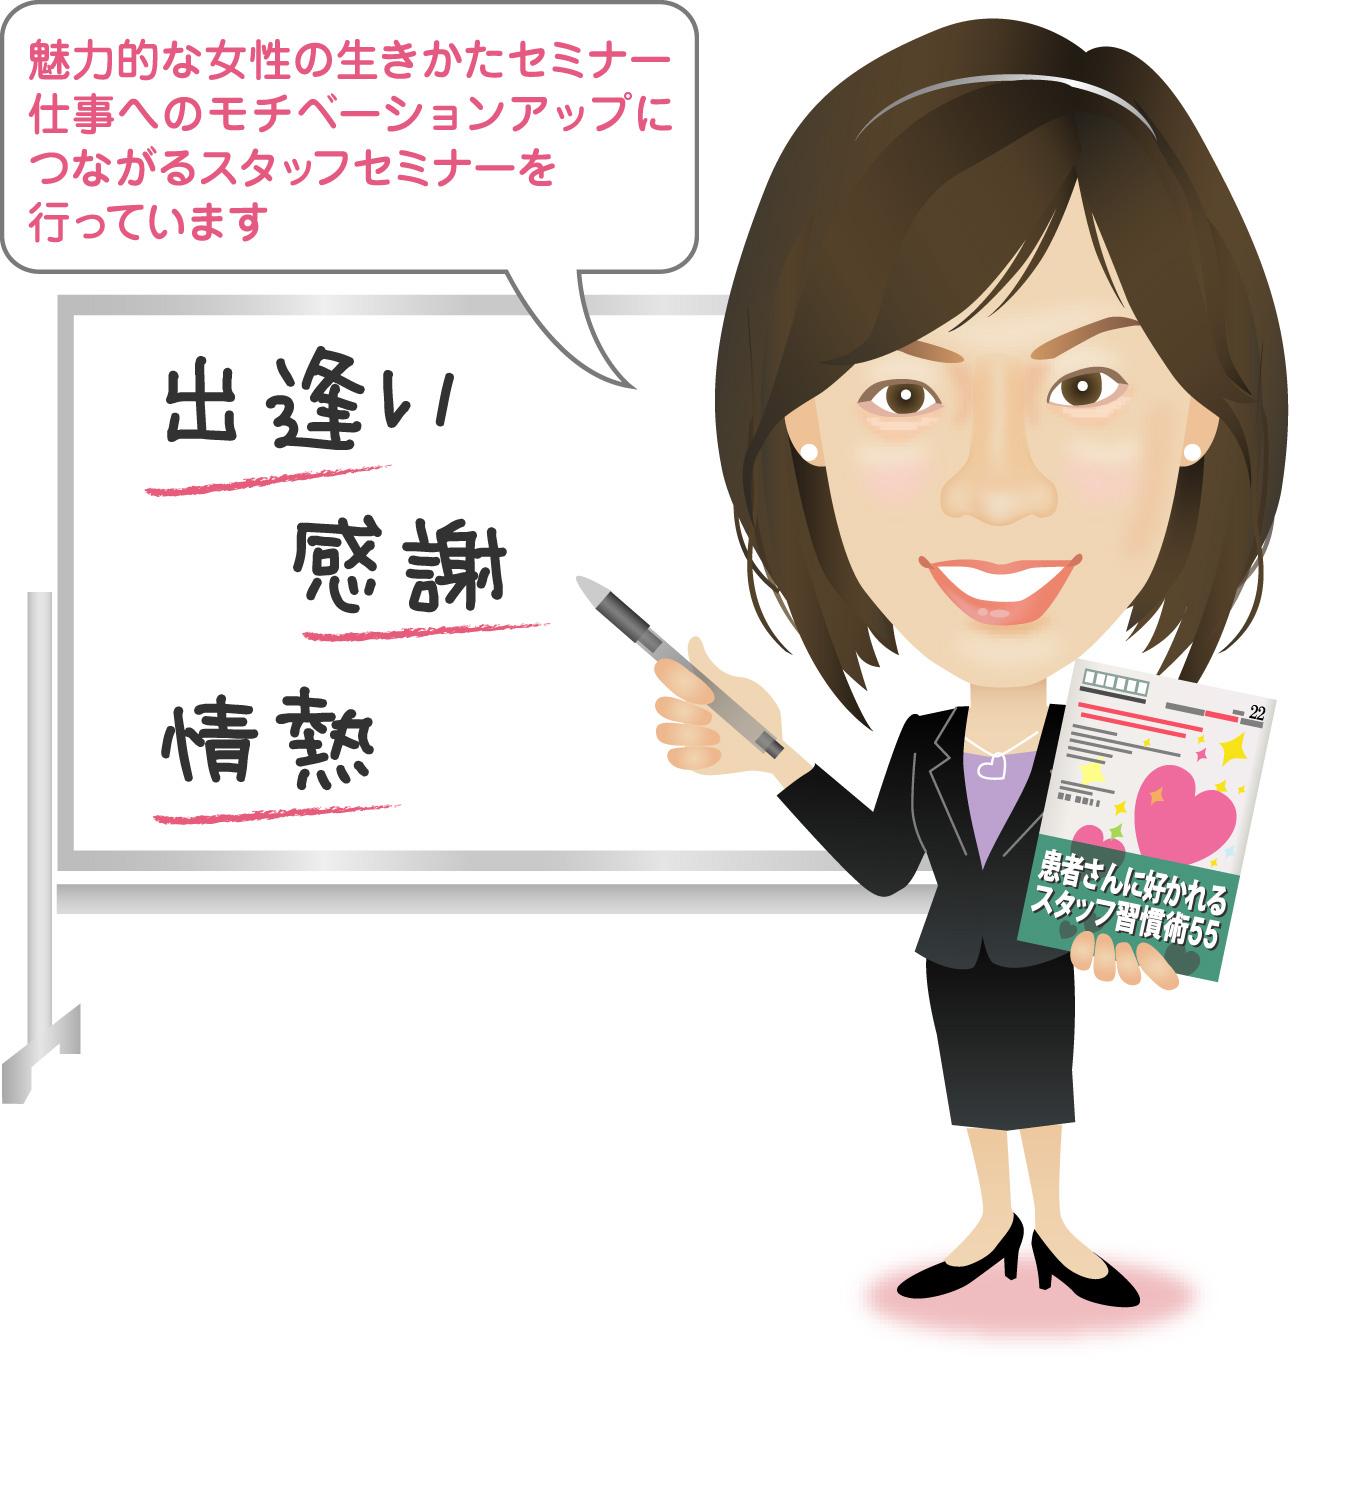 sawaizumi_sama